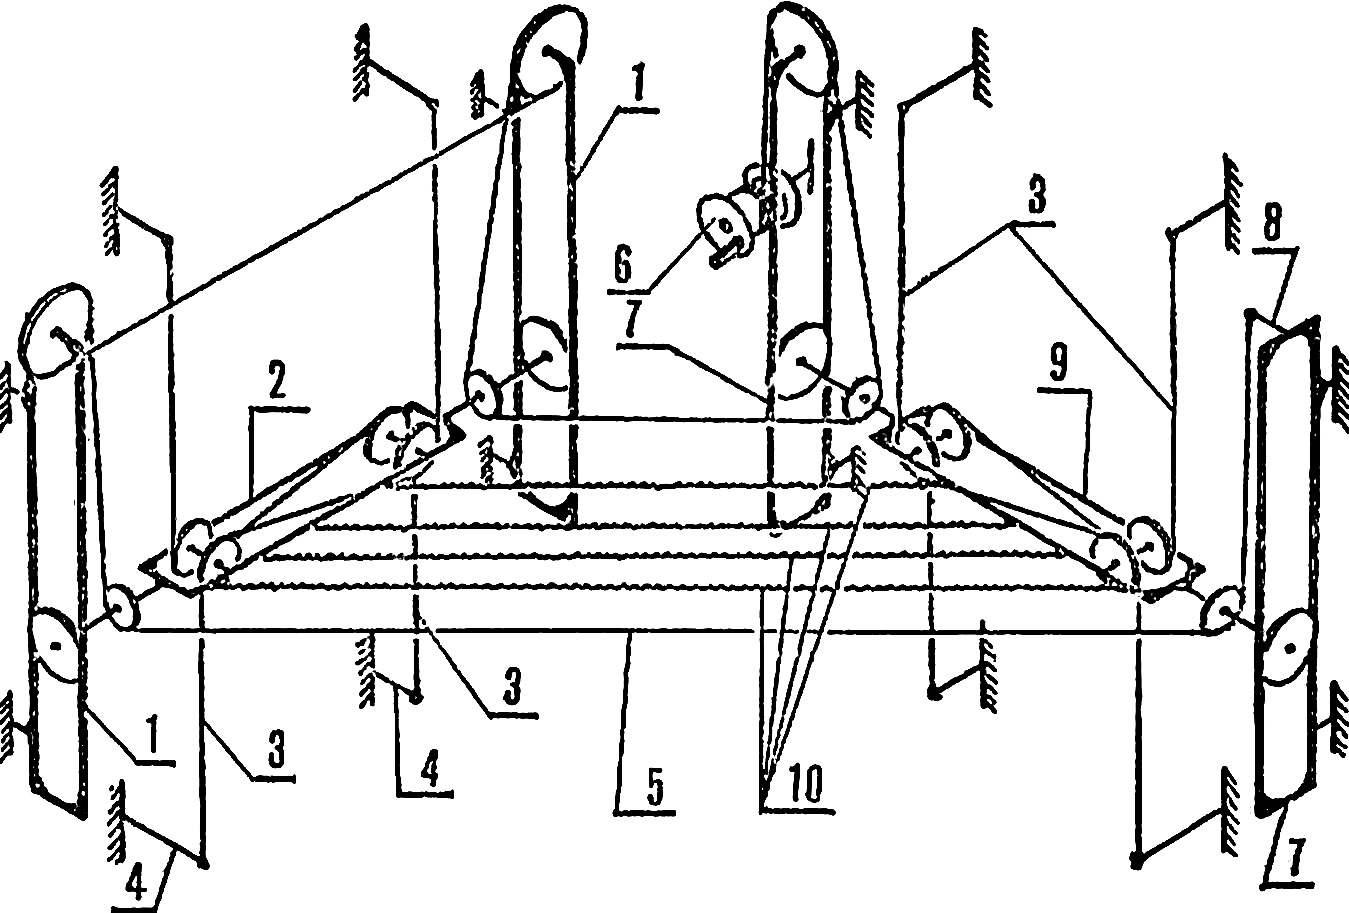 Рис. 1. Принципиальная схема проводки шнуров подъема и противоперекосной системы.